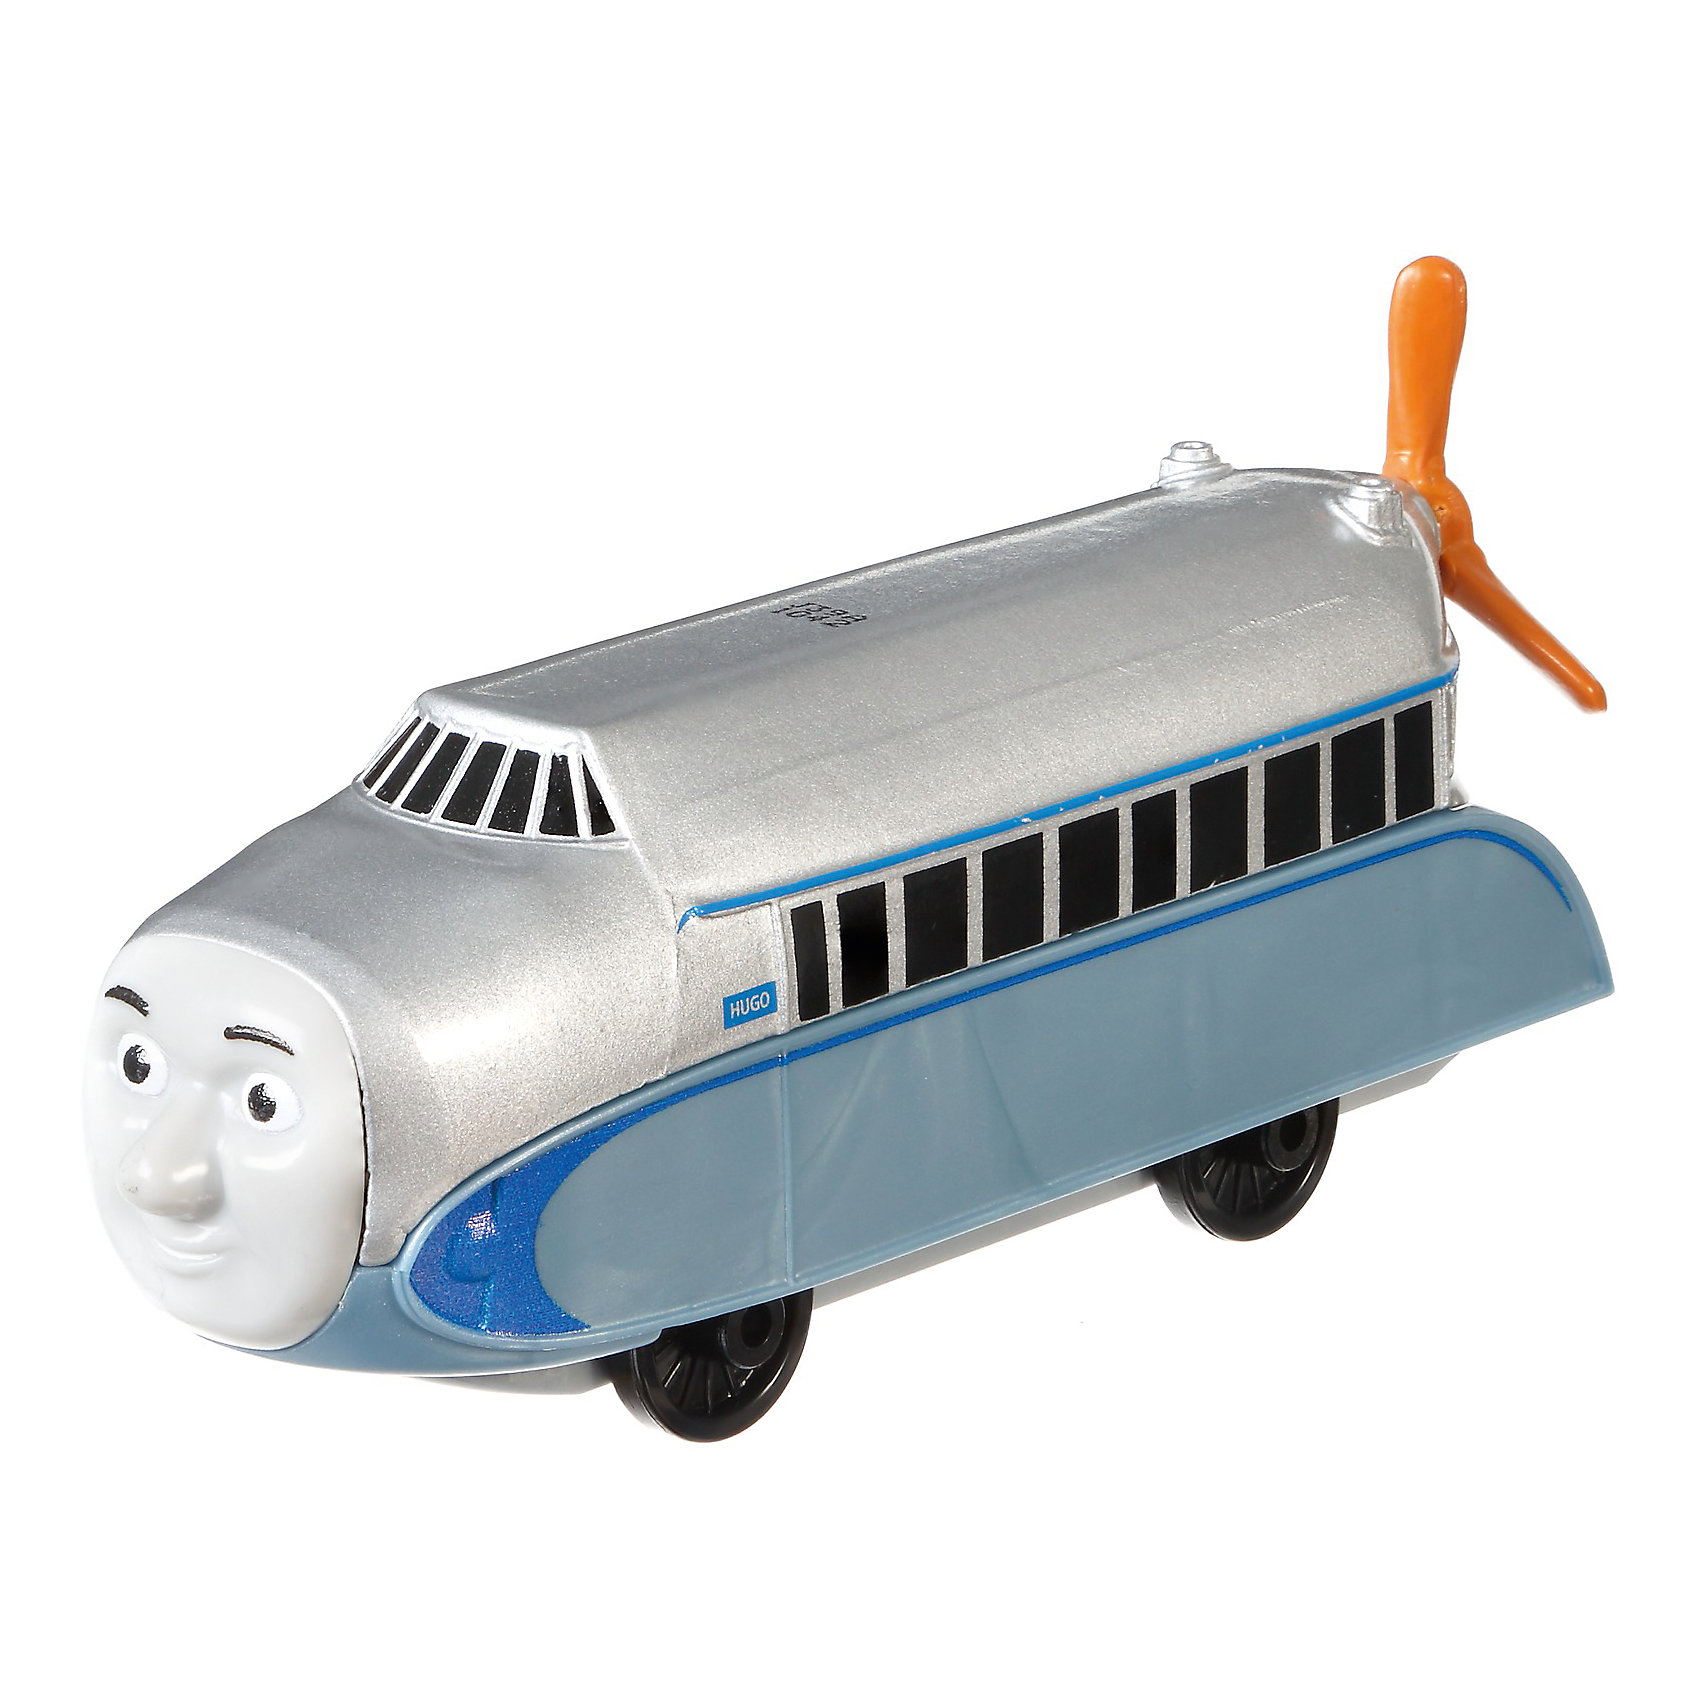 Большой паровозик, Томас и его друзьяТомас и его друзья<br>Большой паровозик, Томас и его друзья.<br><br>Характеристики:<br><br>• Материал: пластик, металл<br>• Размер упаковки: 19х11,5х3 см.<br>• Вес: 380 гр.<br><br>Большой паровозик Хьюго с вертящимся пропеллером создан по мотивам мультфильма Томас и его друзья, невероятно популярного среди миллионов детей во всем мире. Игрушка отличается высокой степенью детализации и соответствия своему экранному прототипу. Она станет отличным подарком для поклонников мультсериала «Томас и друзья», а также для любителей железных дорог! Изготовлен из высококачественных материалов, используемые красители не содержат токсичных компонентов и полностью безопасны для здоровья ребенка.<br><br>Большой паровозик, Томас и его друзья можно купить в нашем интернет-магазине.<br><br>Ширина мм: 190<br>Глубина мм: 35<br>Высота мм: 115<br>Вес г: 54<br>Возраст от месяцев: 36<br>Возраст до месяцев: 120<br>Пол: Мужской<br>Возраст: Детский<br>SKU: 5440304